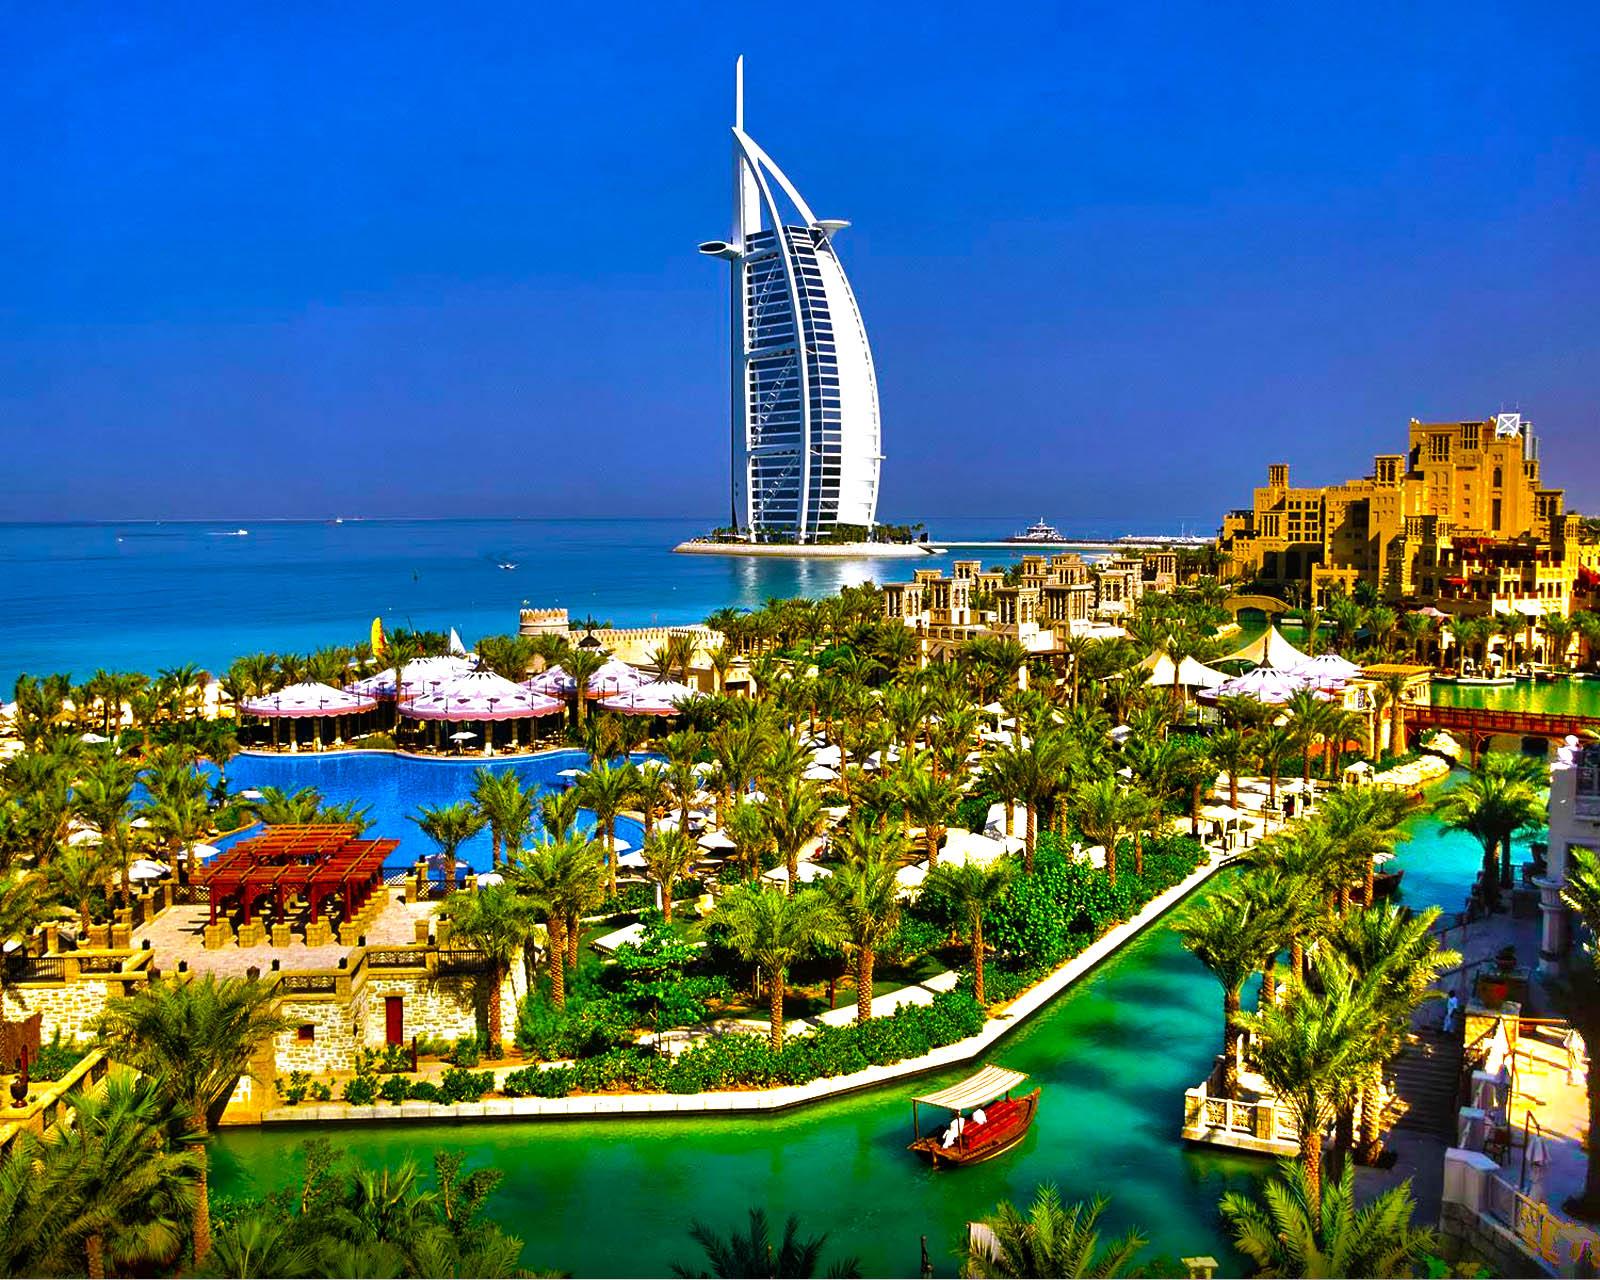 تور دبی ( هتل ۴ ستاره ) – از دی ماه تا اطلاع ثانویه